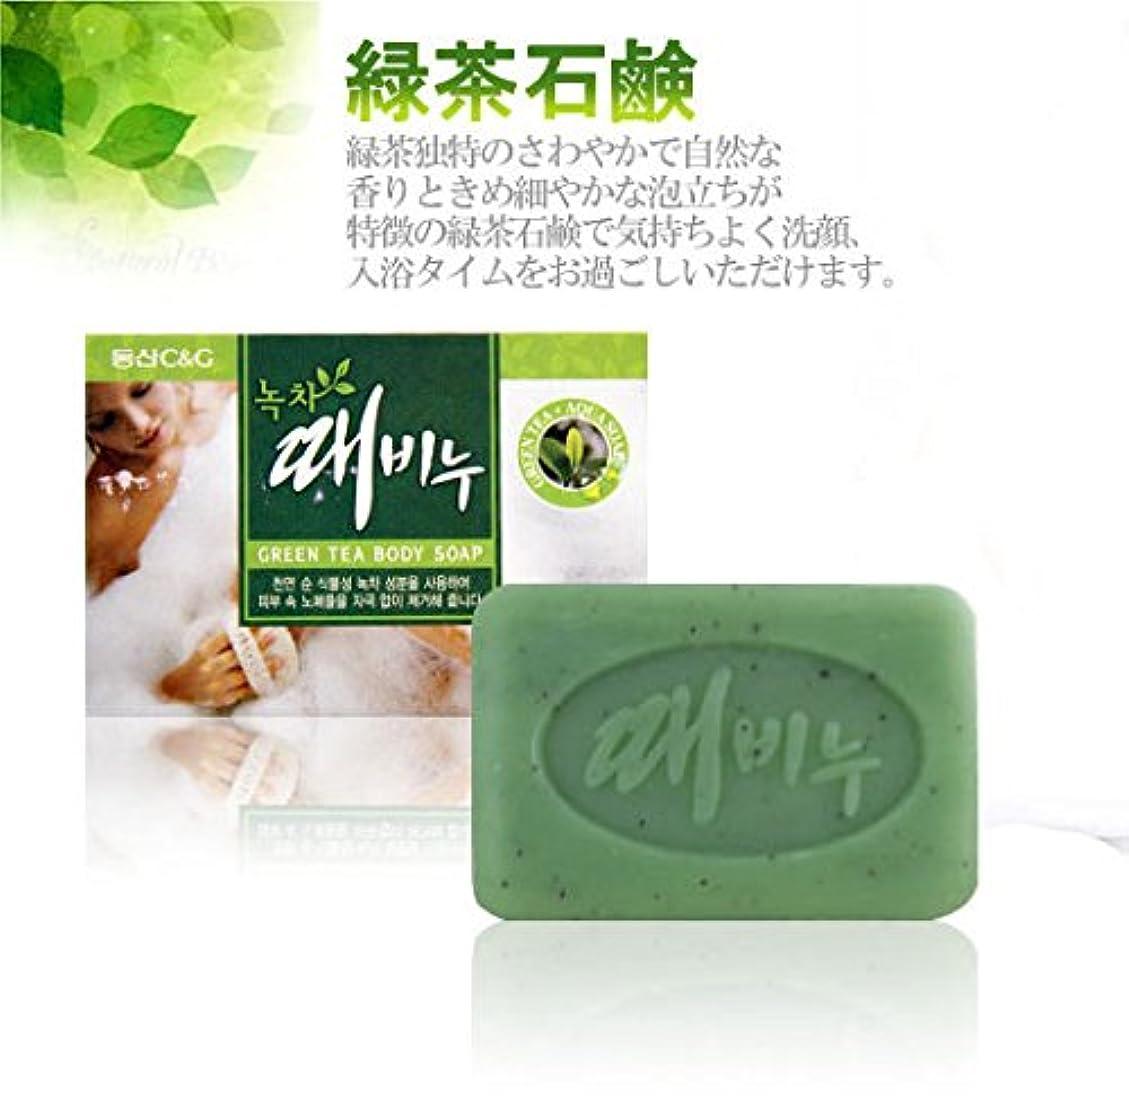 ドラム陽気な緑茶石鹸(あかすり石鹸) 100g